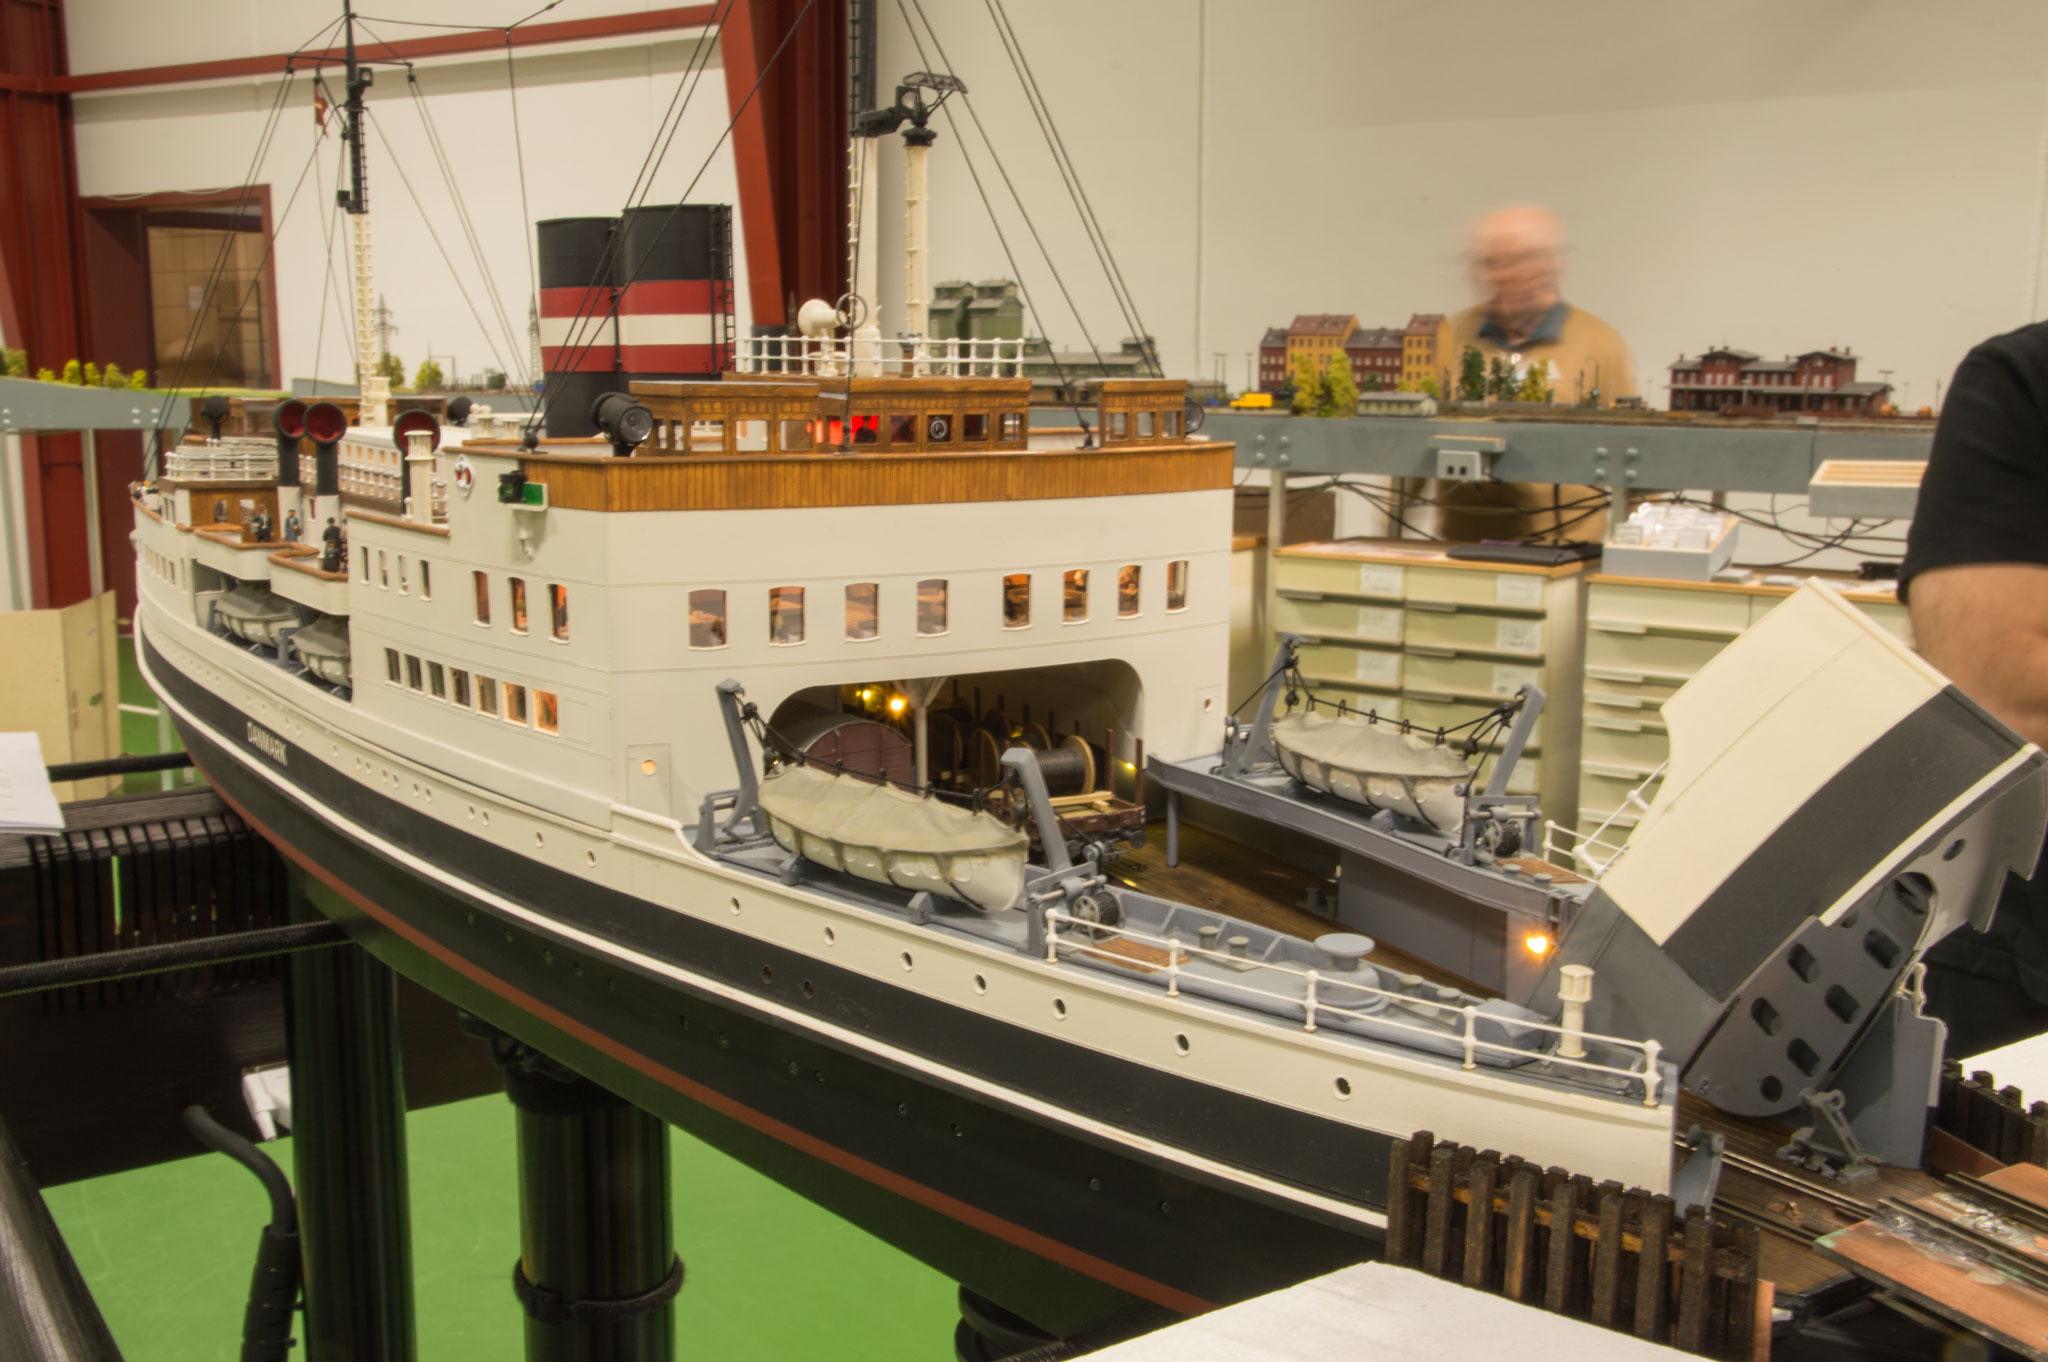 Andreas Lenz' håndbyggede model af færgen S/S Danmark lægger til ved et af de to færgelejer